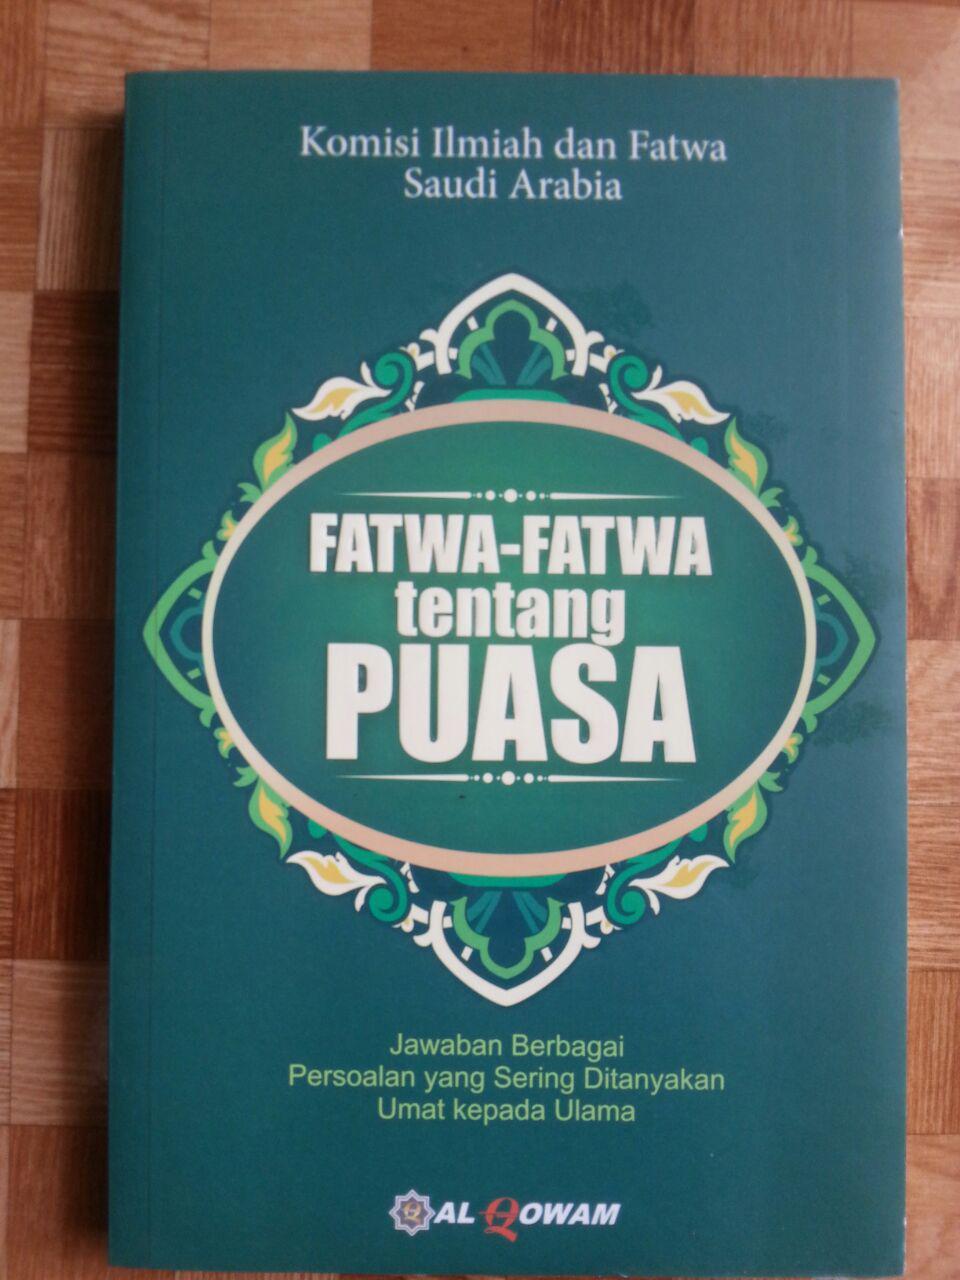 Buku Fatwa-Fatwa Tentang Puasa cover 2